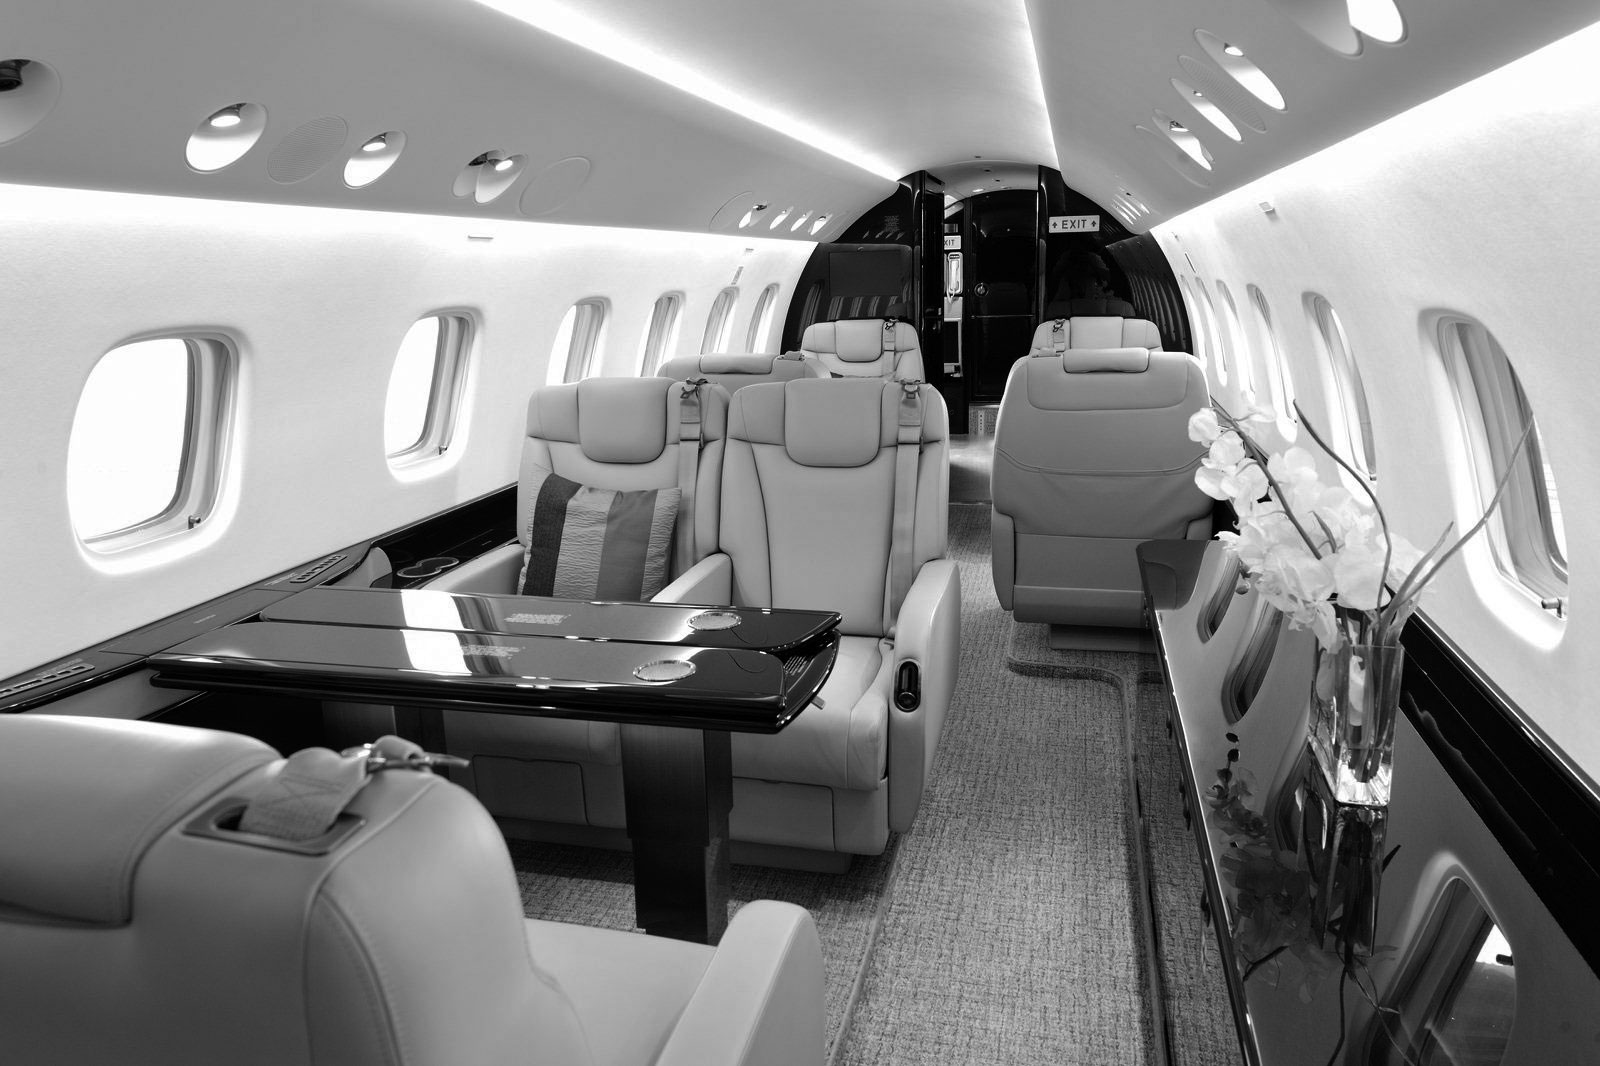 location de jet priv location d 39 avions d 39 affaires ou de business jet. Black Bedroom Furniture Sets. Home Design Ideas